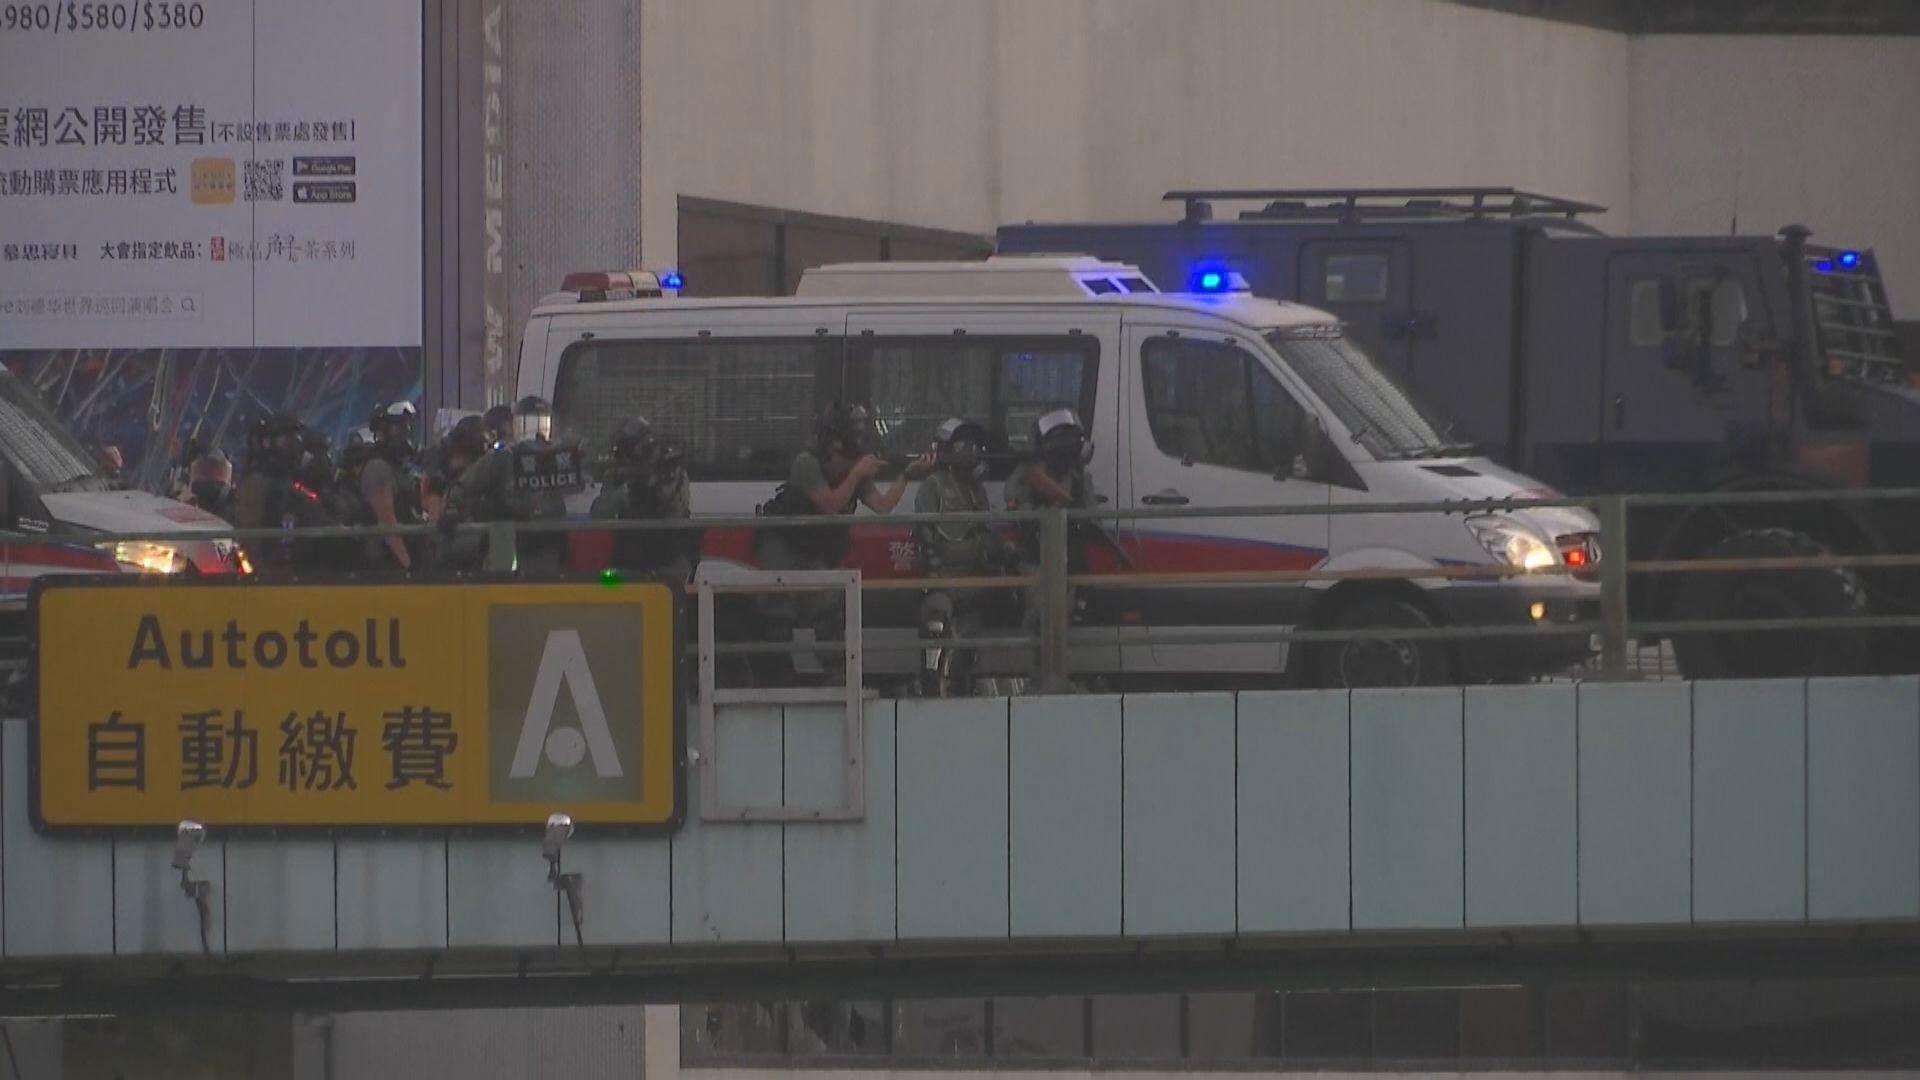 警員理大外衝突中曾舉起自動步槍戒備